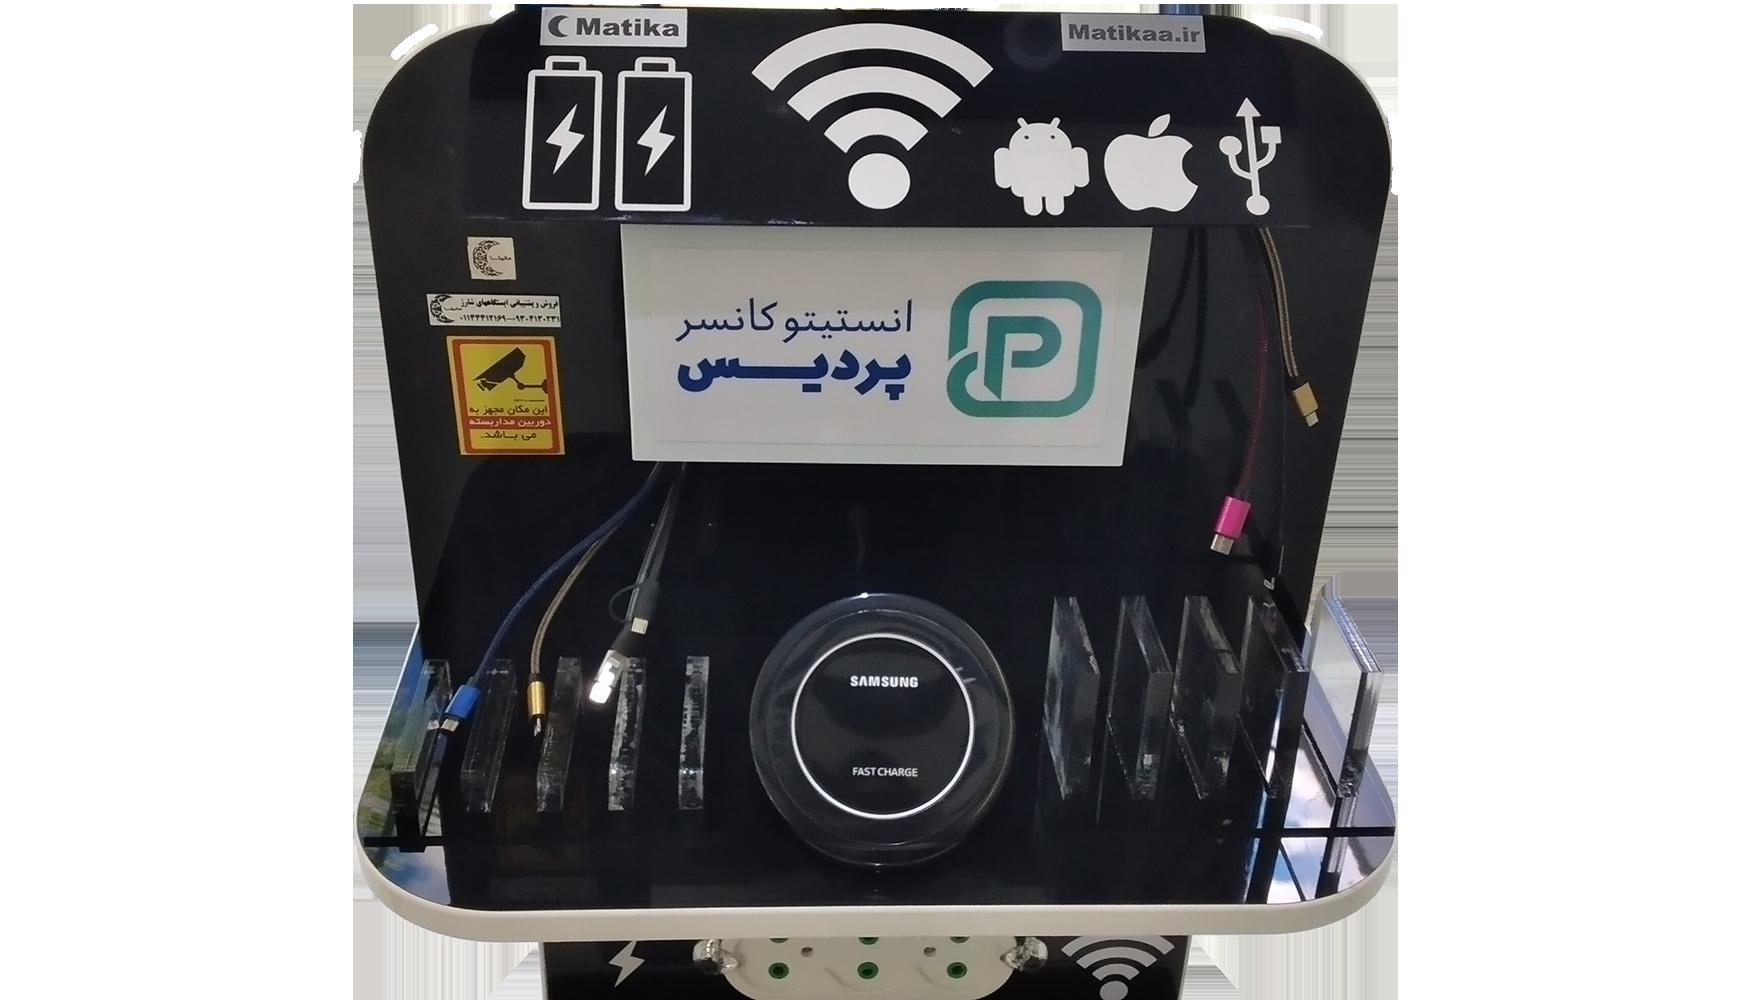 – استند شارژ موبایل - استند شارژ – استند شارژر موبایل –  - ایستگاه شارژ موبایل - شارژر موبایل - شارژر اماکن عمومی - شارژرهای عمومی –فروش استند شارژ موبایل استند شارژ ایستگاه شارژ موبایل و شارژر موبایل برای شارژر اماکن عمومی شارژرهای عمومی ویژه شارژر عمومی برای هتل ها، ادارات، بیمارستانها، شهرداریها، رستوران ها، کافه ها، ایستگاهها